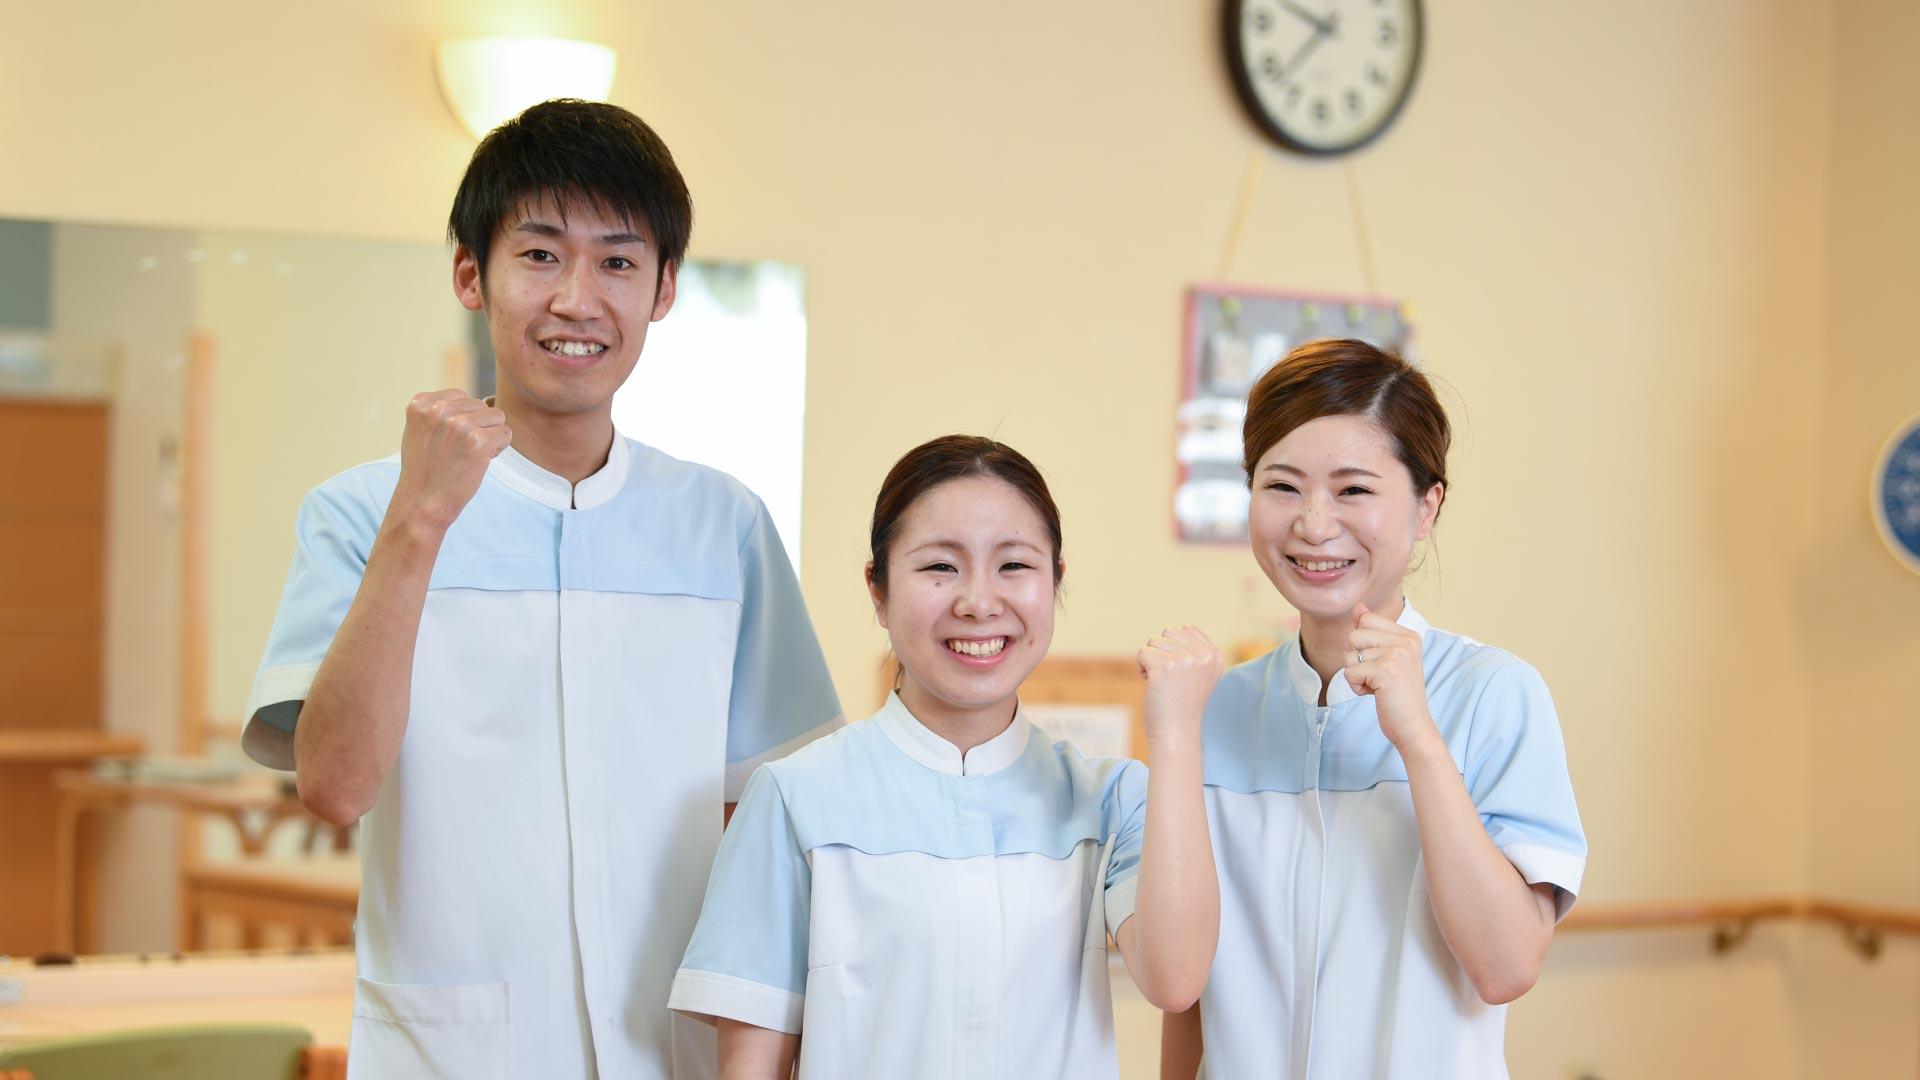 全仁会グループ 介護職募集サイト